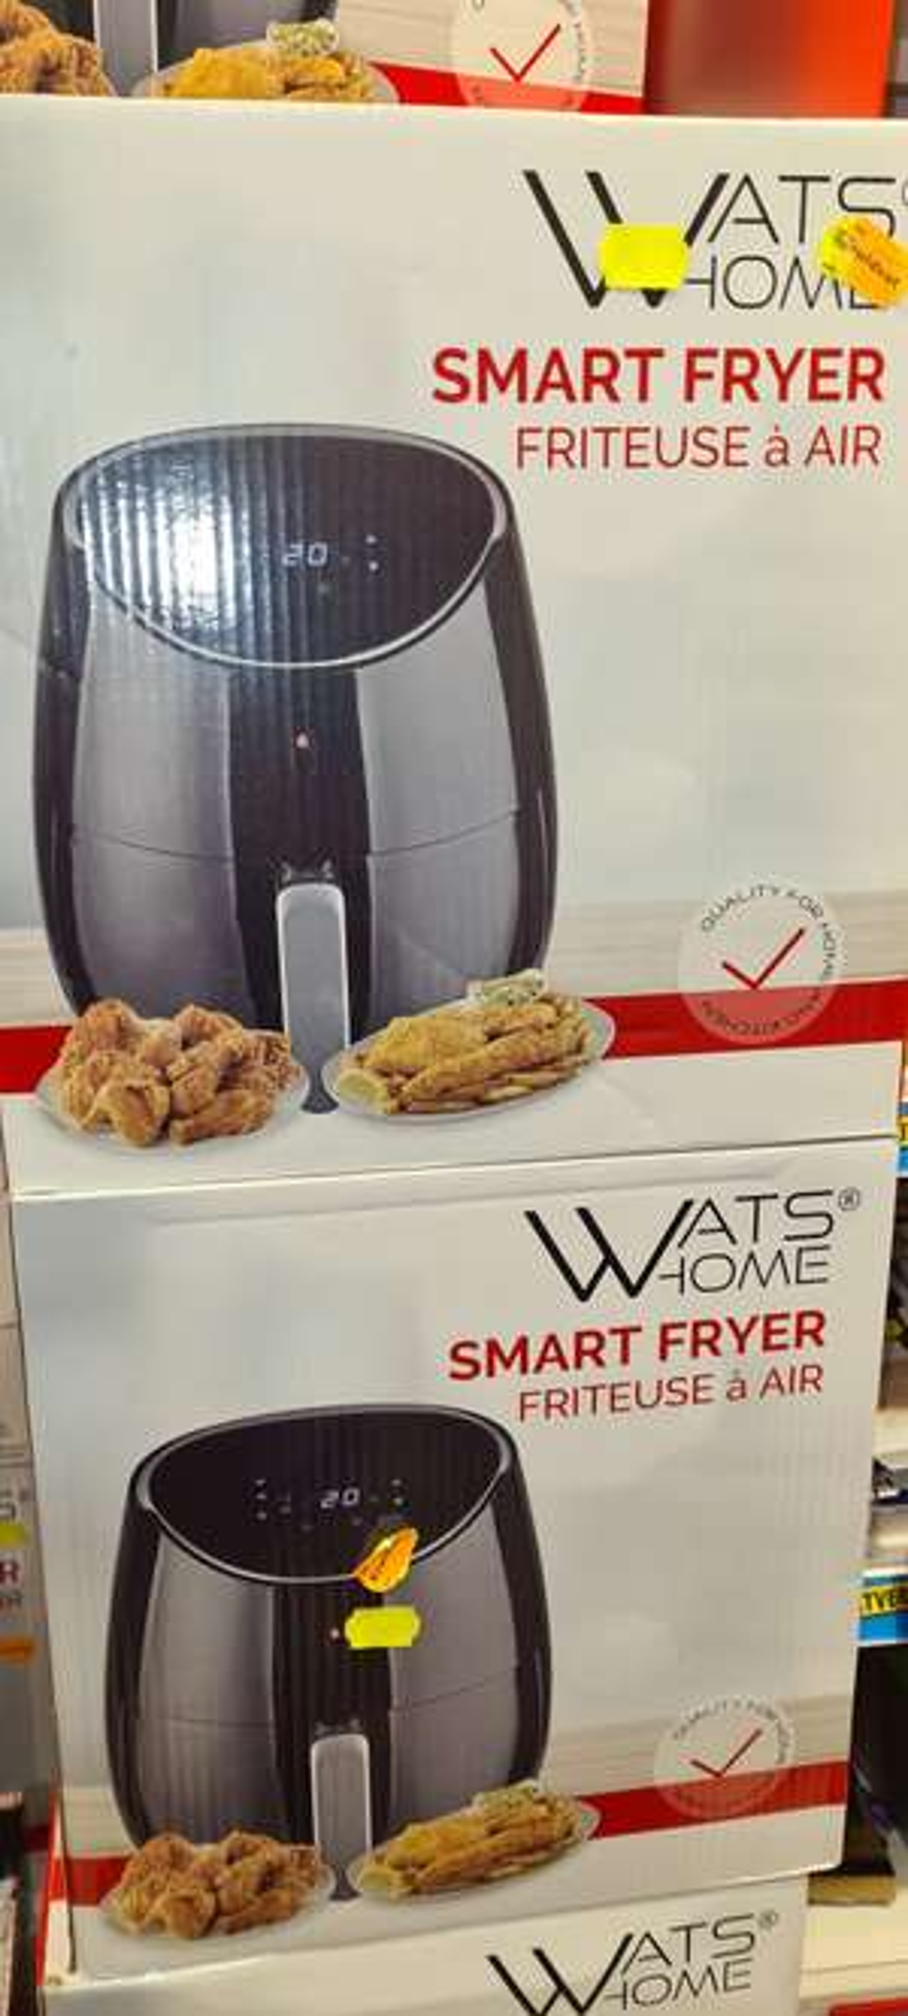 Watshome smart airfryer kruidvat Den Haag